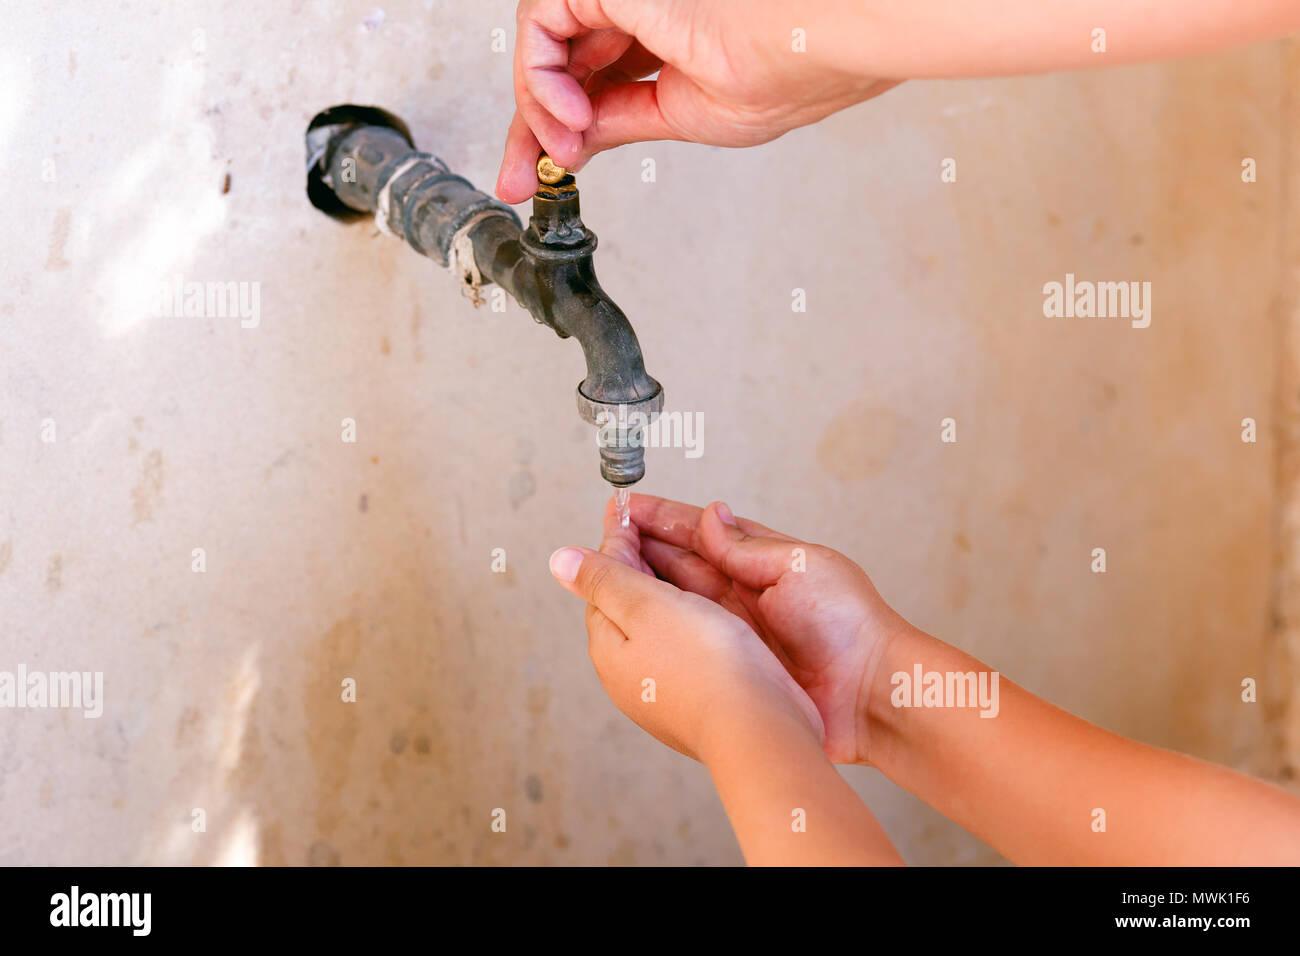 Donna aprire a mano il rubinetto dell'acqua e il bambino lavarsi le mani. Close-up. Immagini Stock